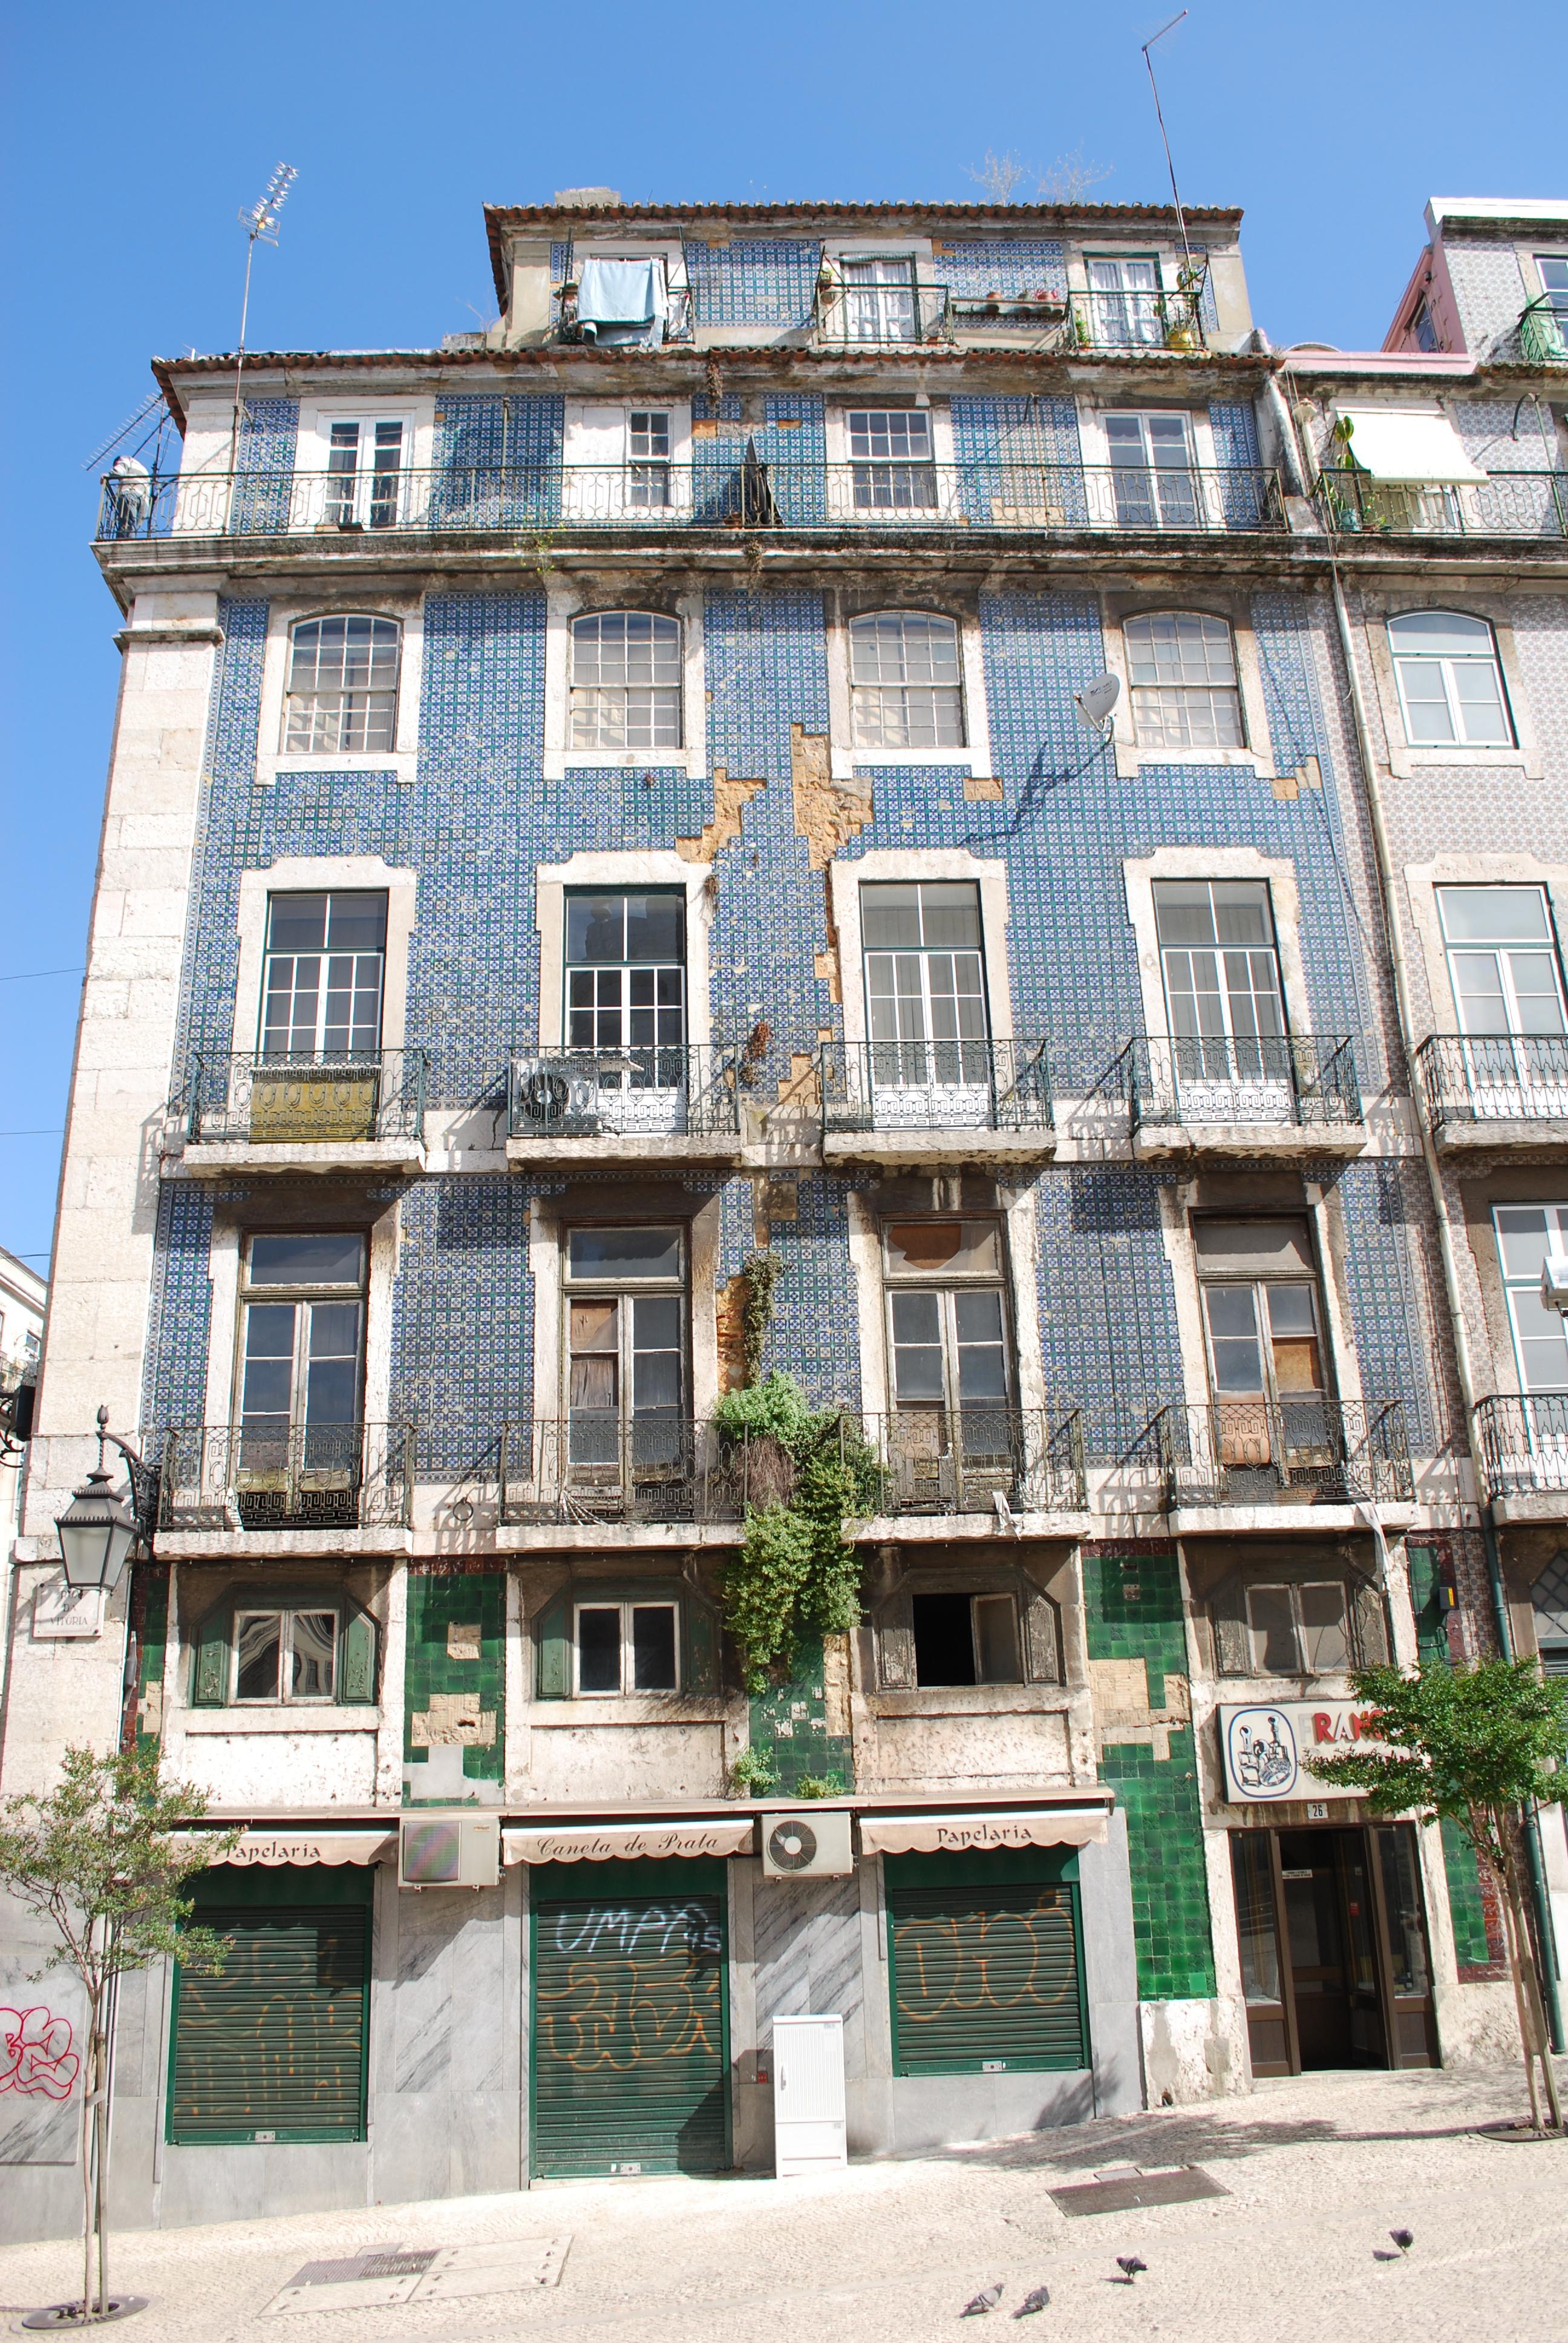 File:Lisboa - Edifício Pombalino (1).jpg - Wikimedia Commons